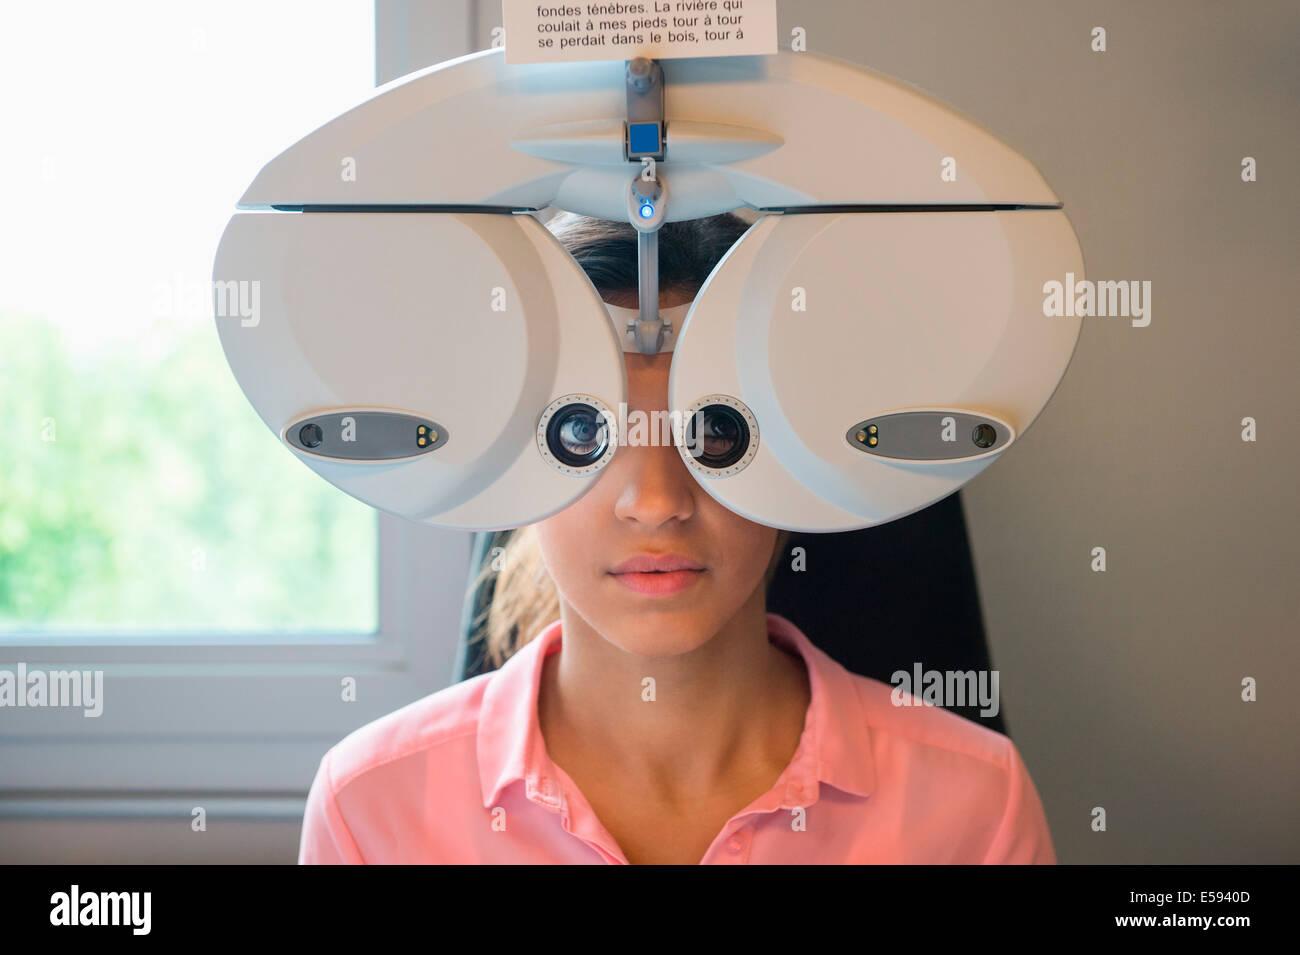 Female patient having eye examination - Stock Image